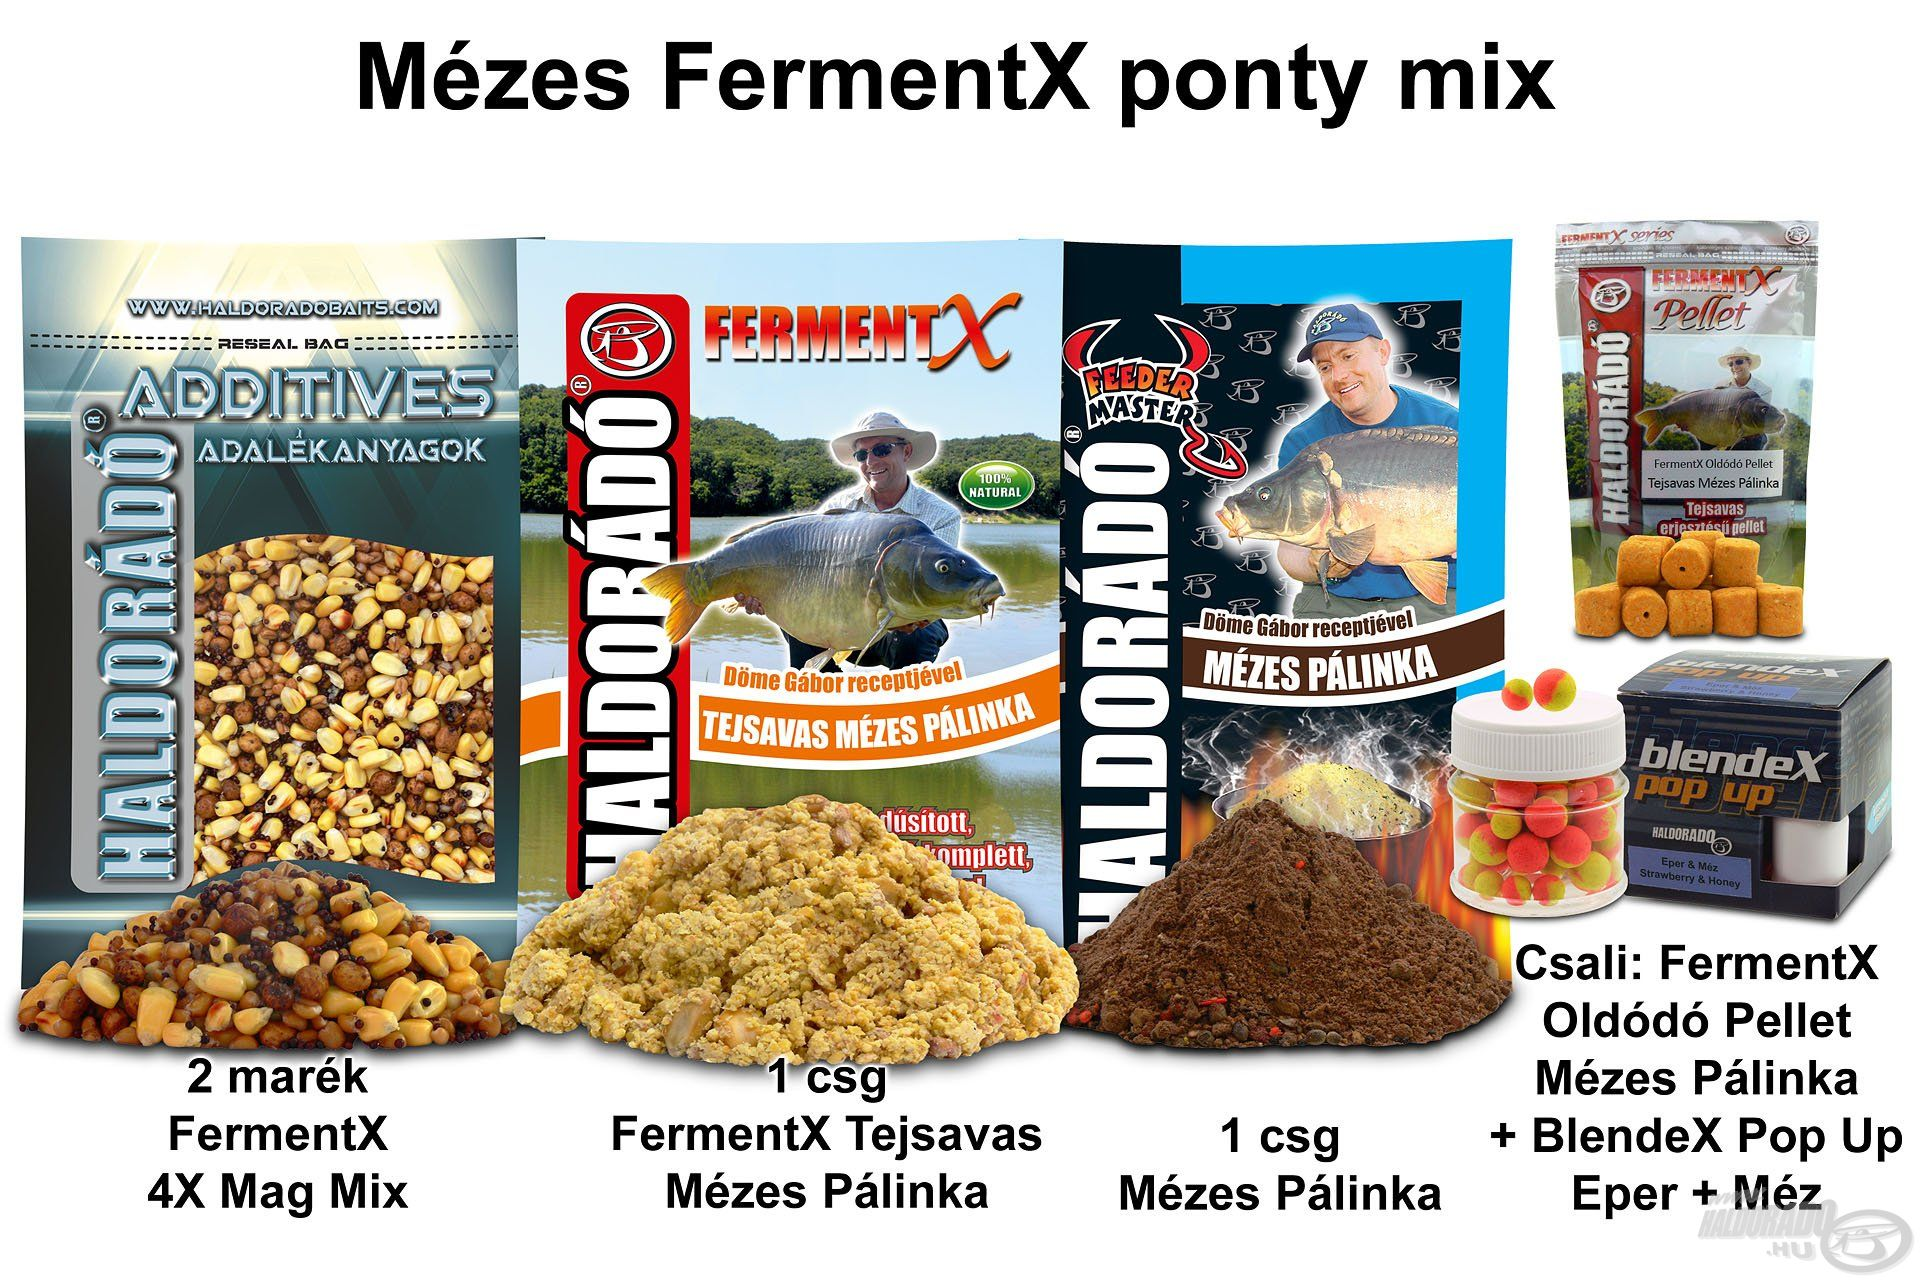 Mézes FermentX ponty mix